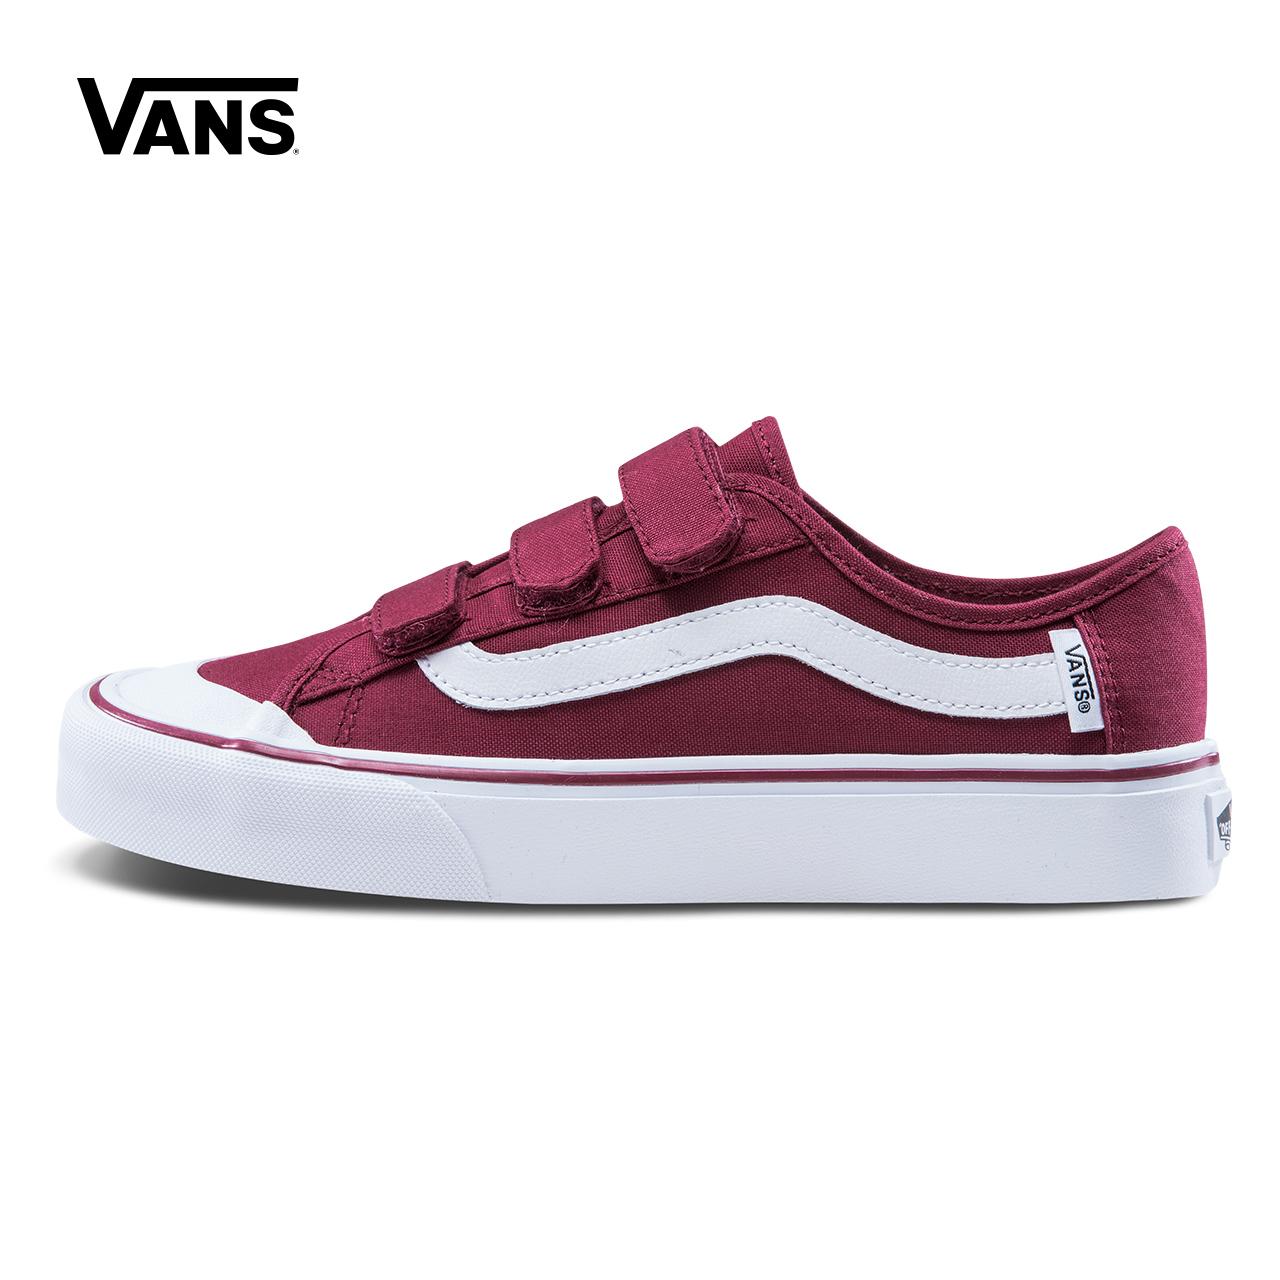 Vans范斯 运动休闲系列 帆布鞋 低帮男女红色官方正品